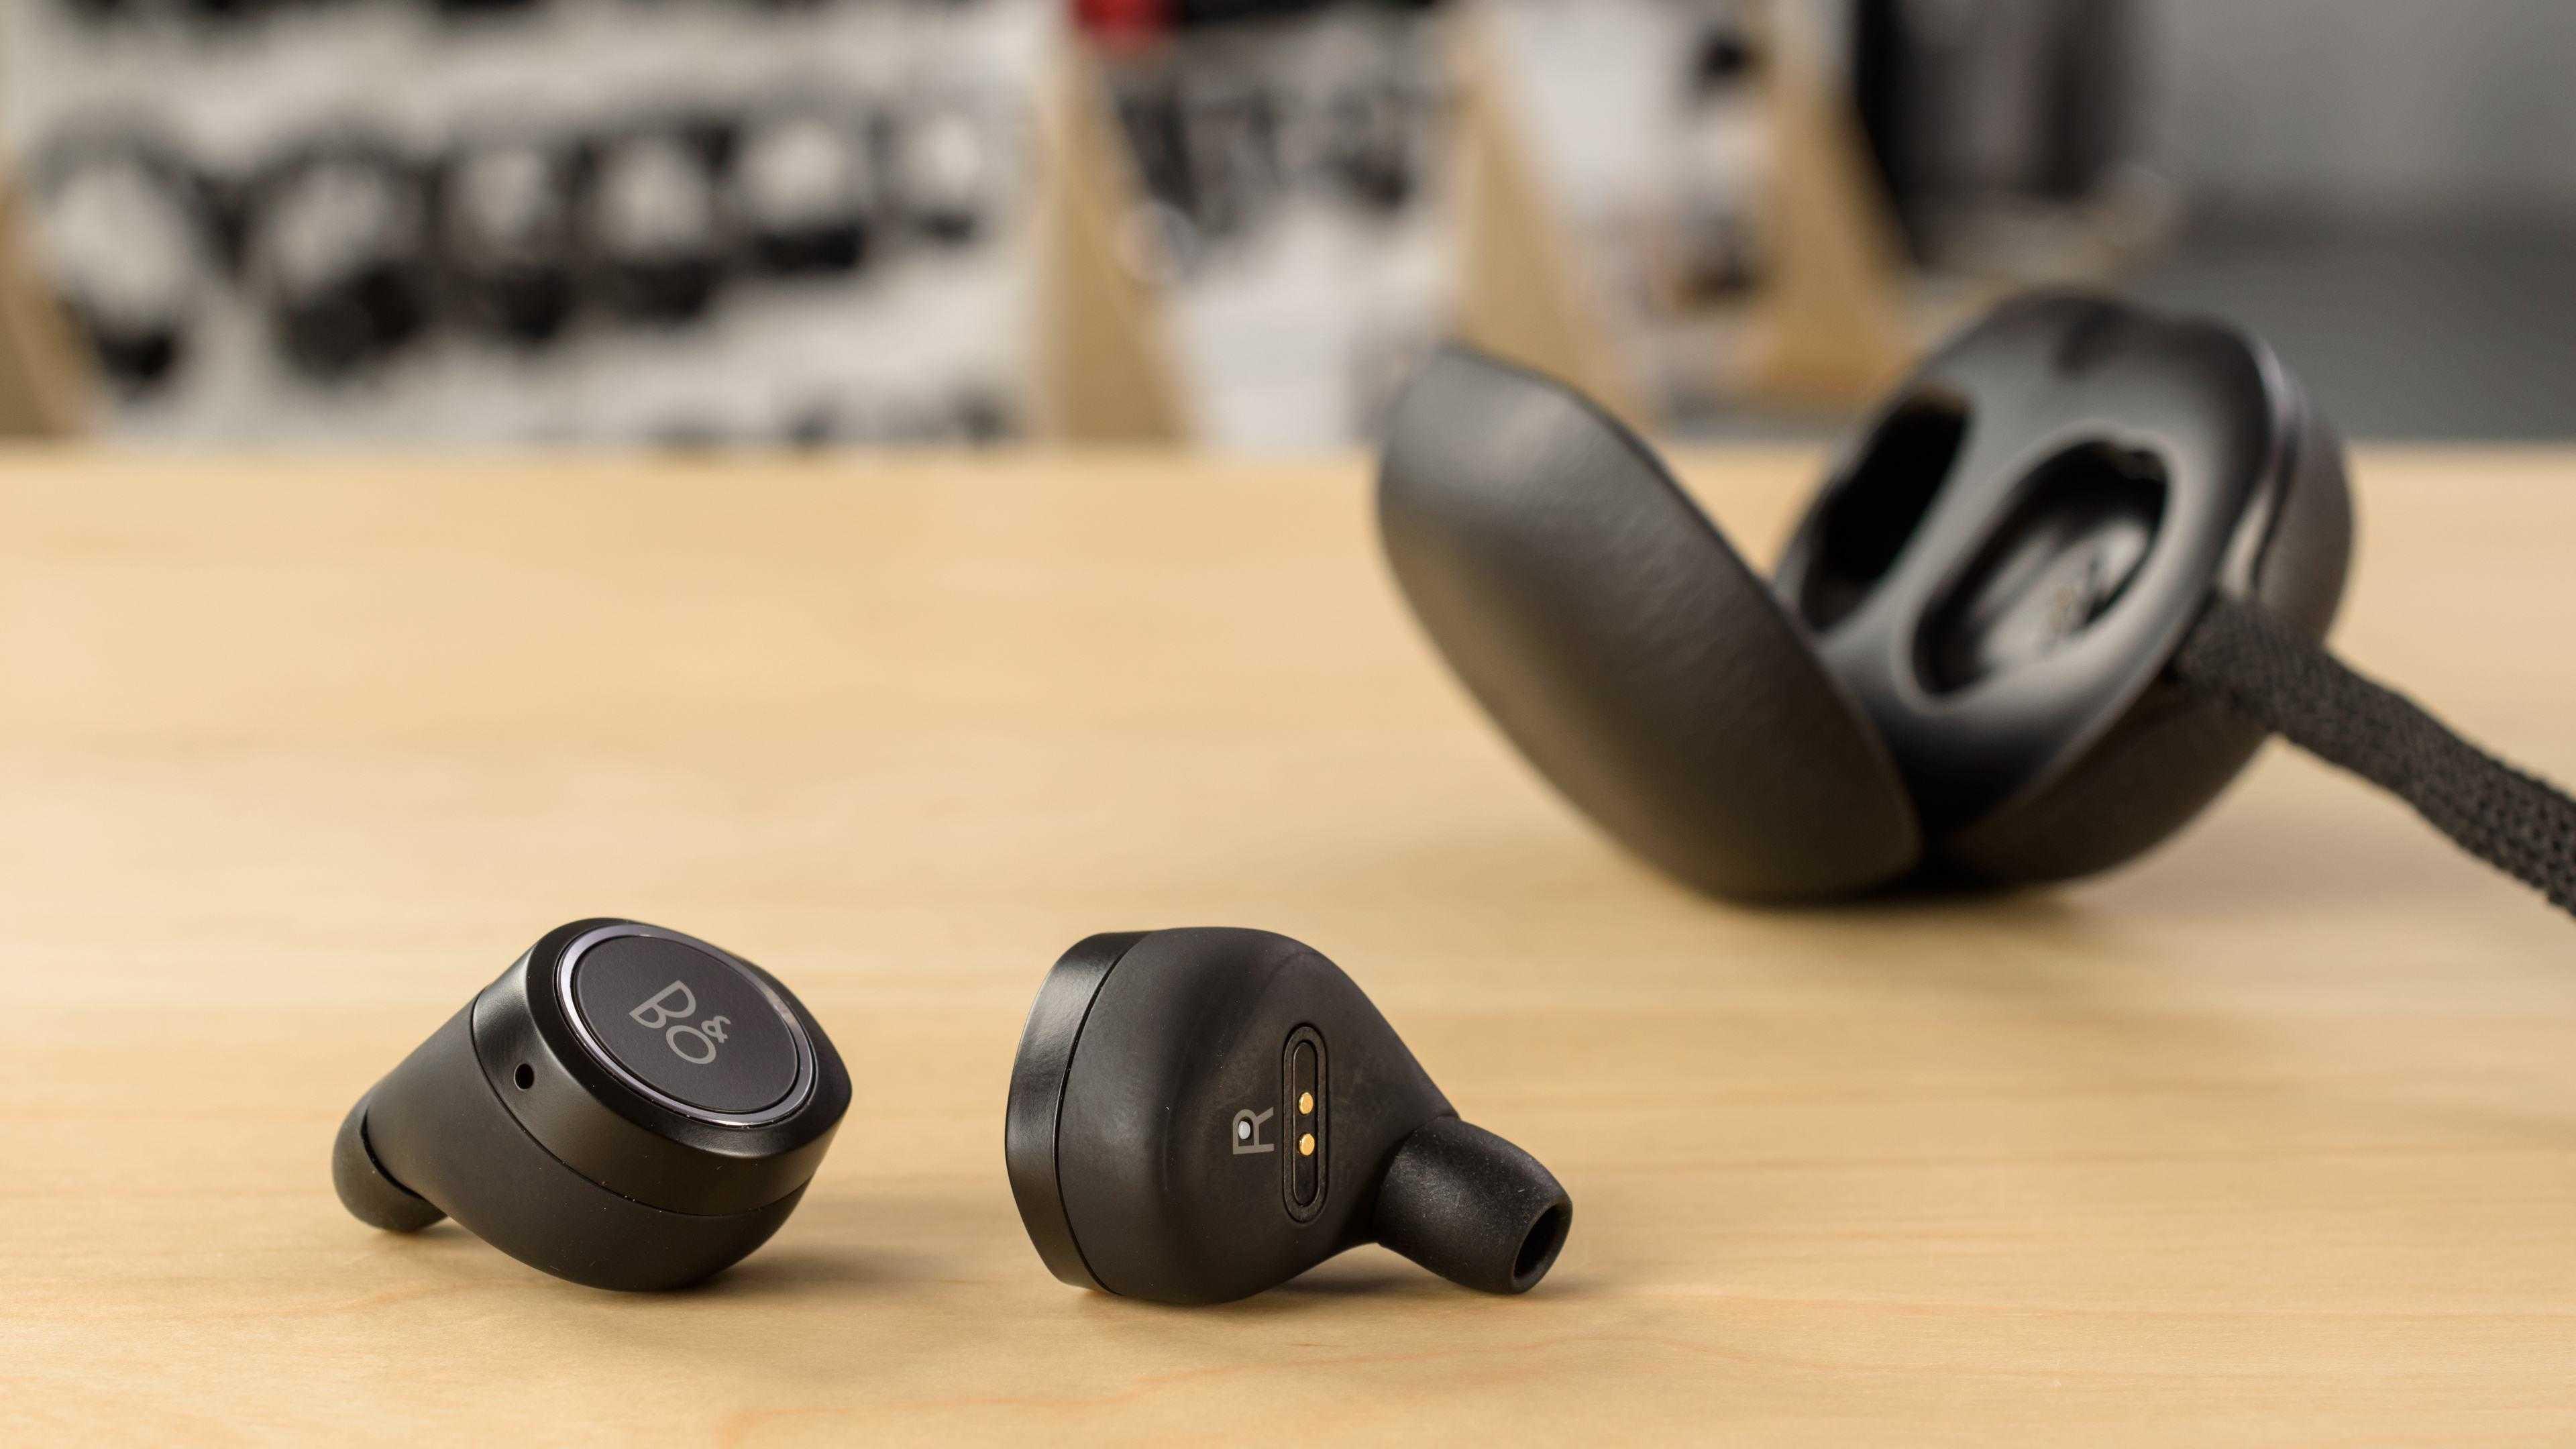 蓝牙耳机推荐高性价比2021_蓝牙耳机排行榜2021